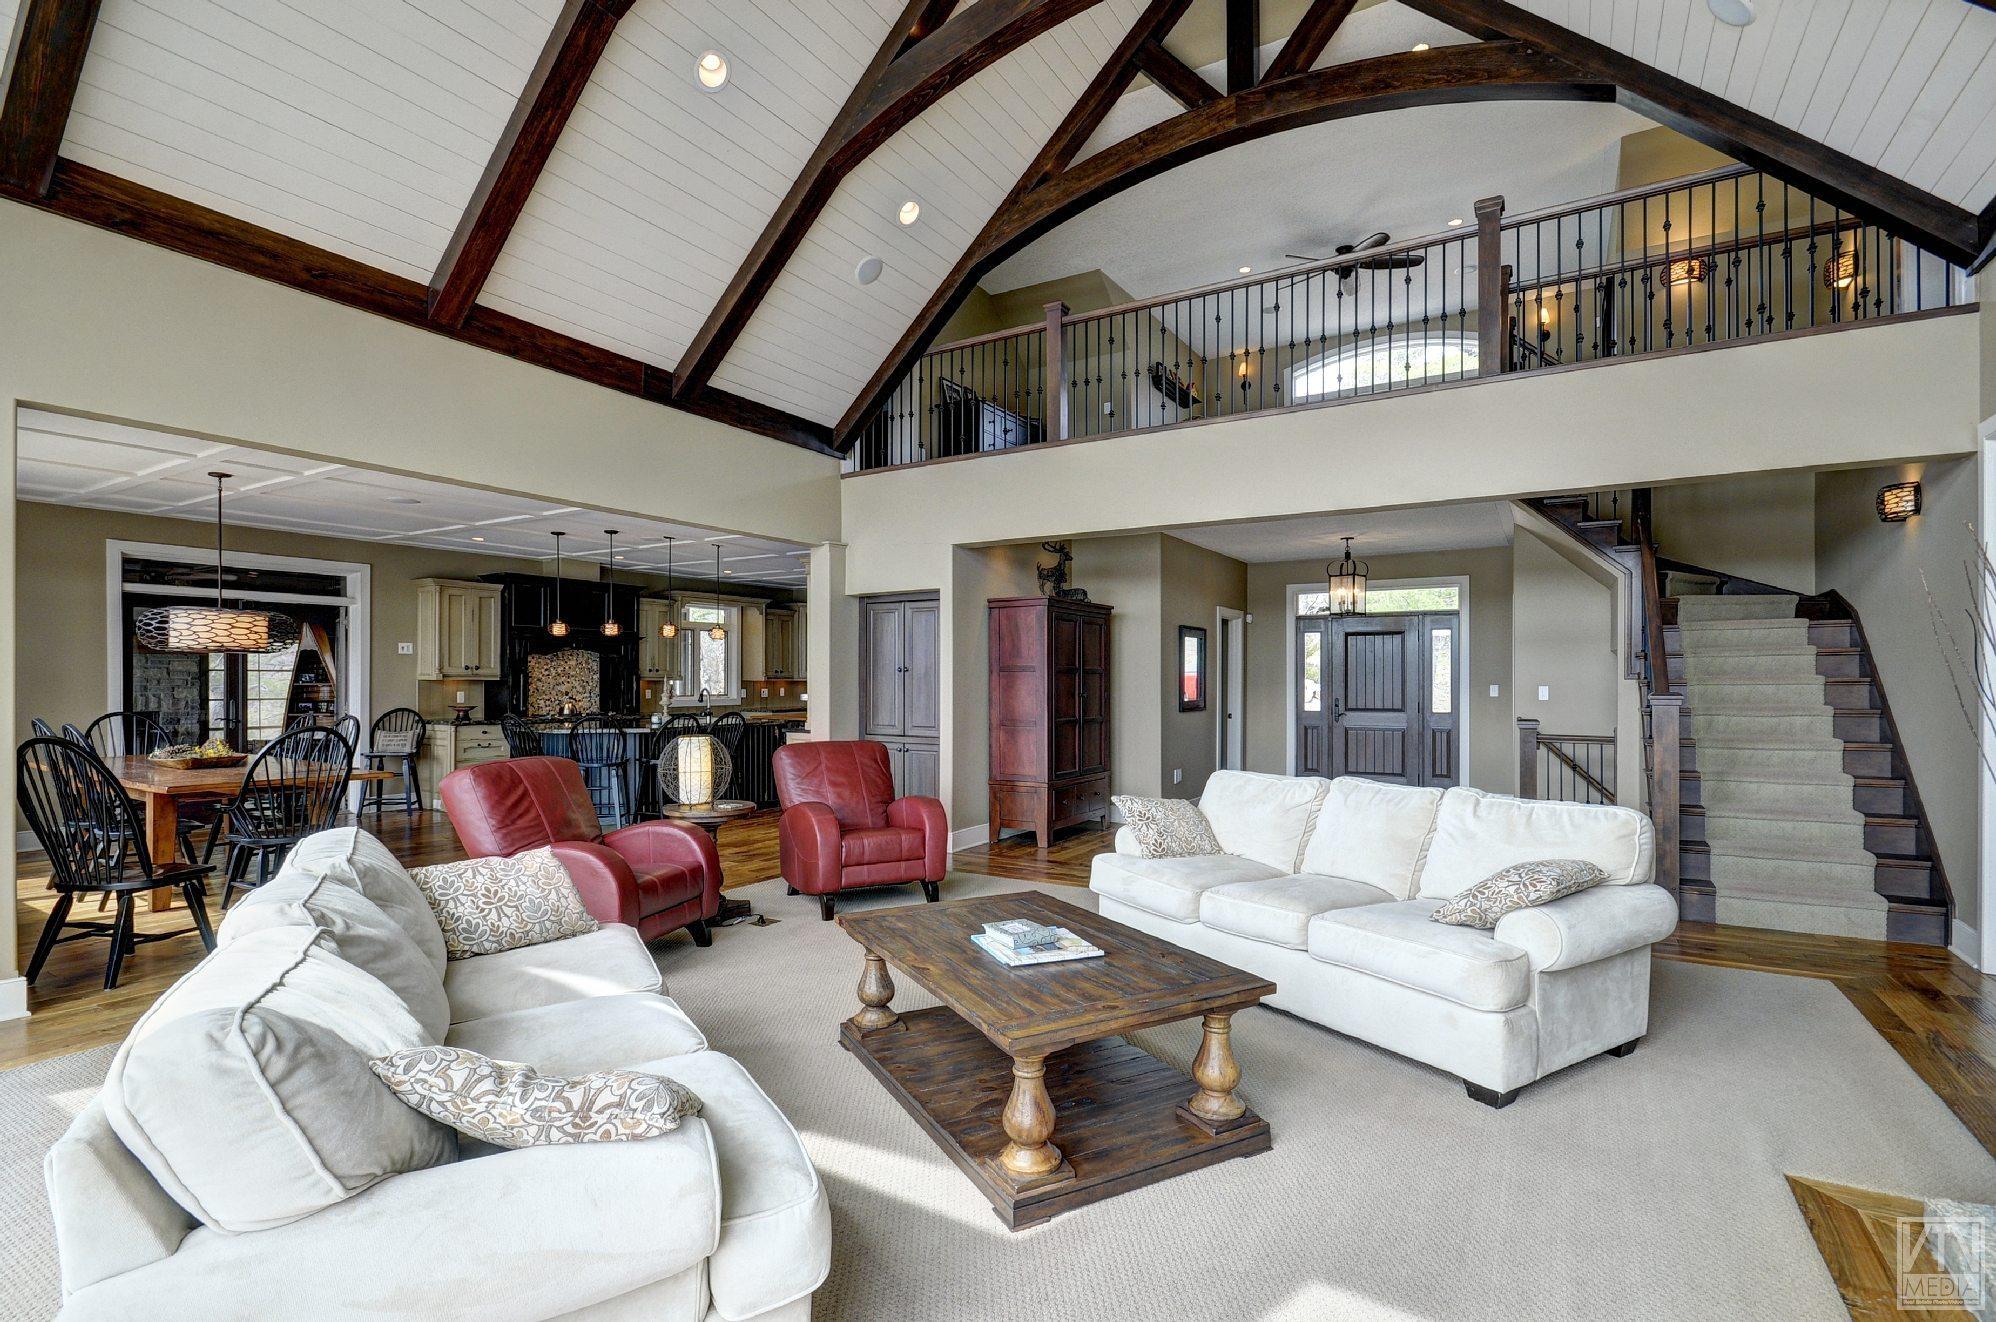 severn-cottage-for-sale-4289-delta-road-west-4